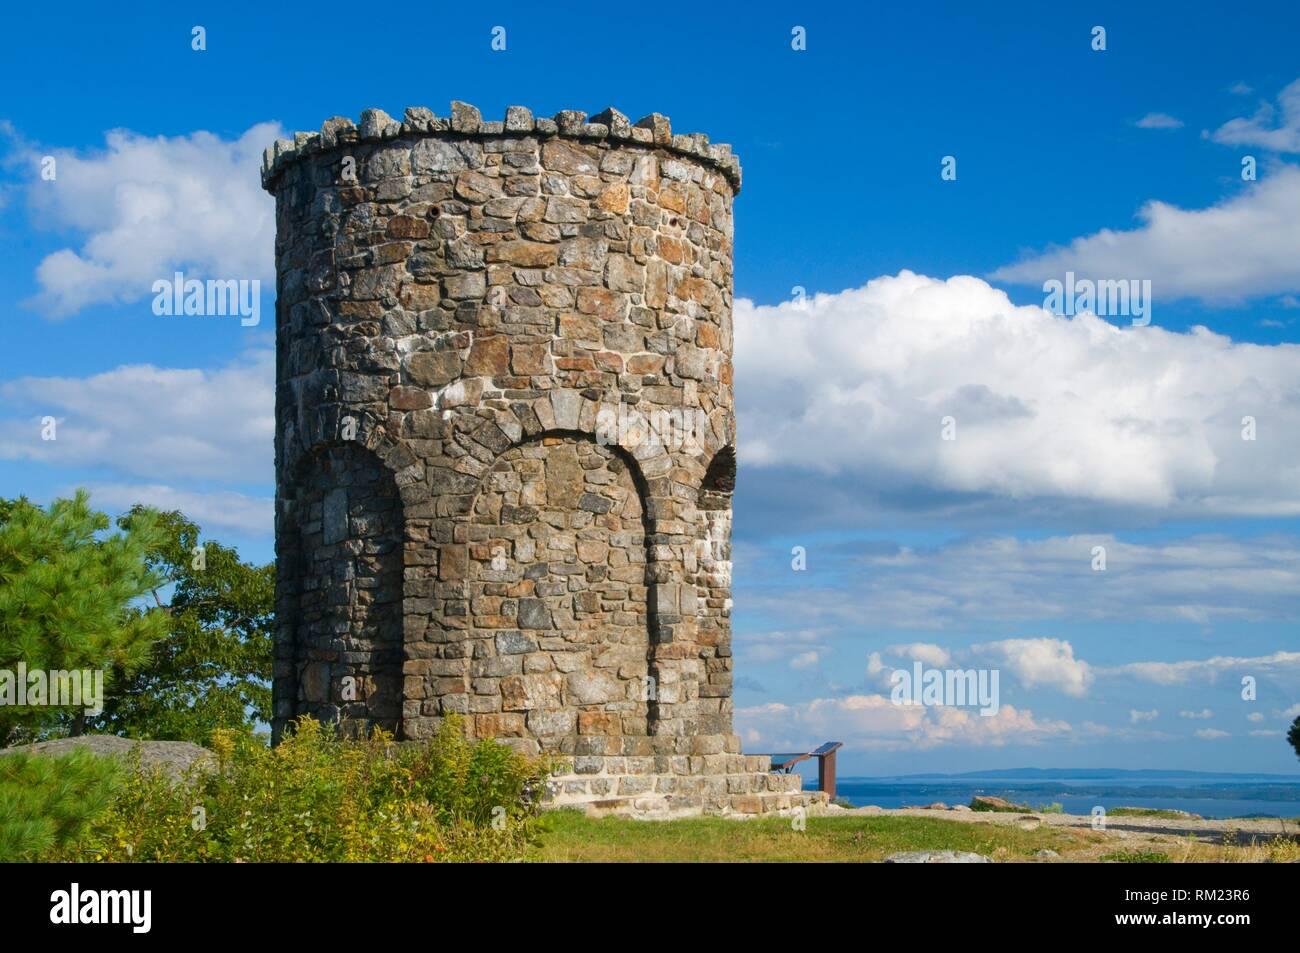 Mt Battie Stone Tower, Camden Hills State Park, Maine. - Stock Image